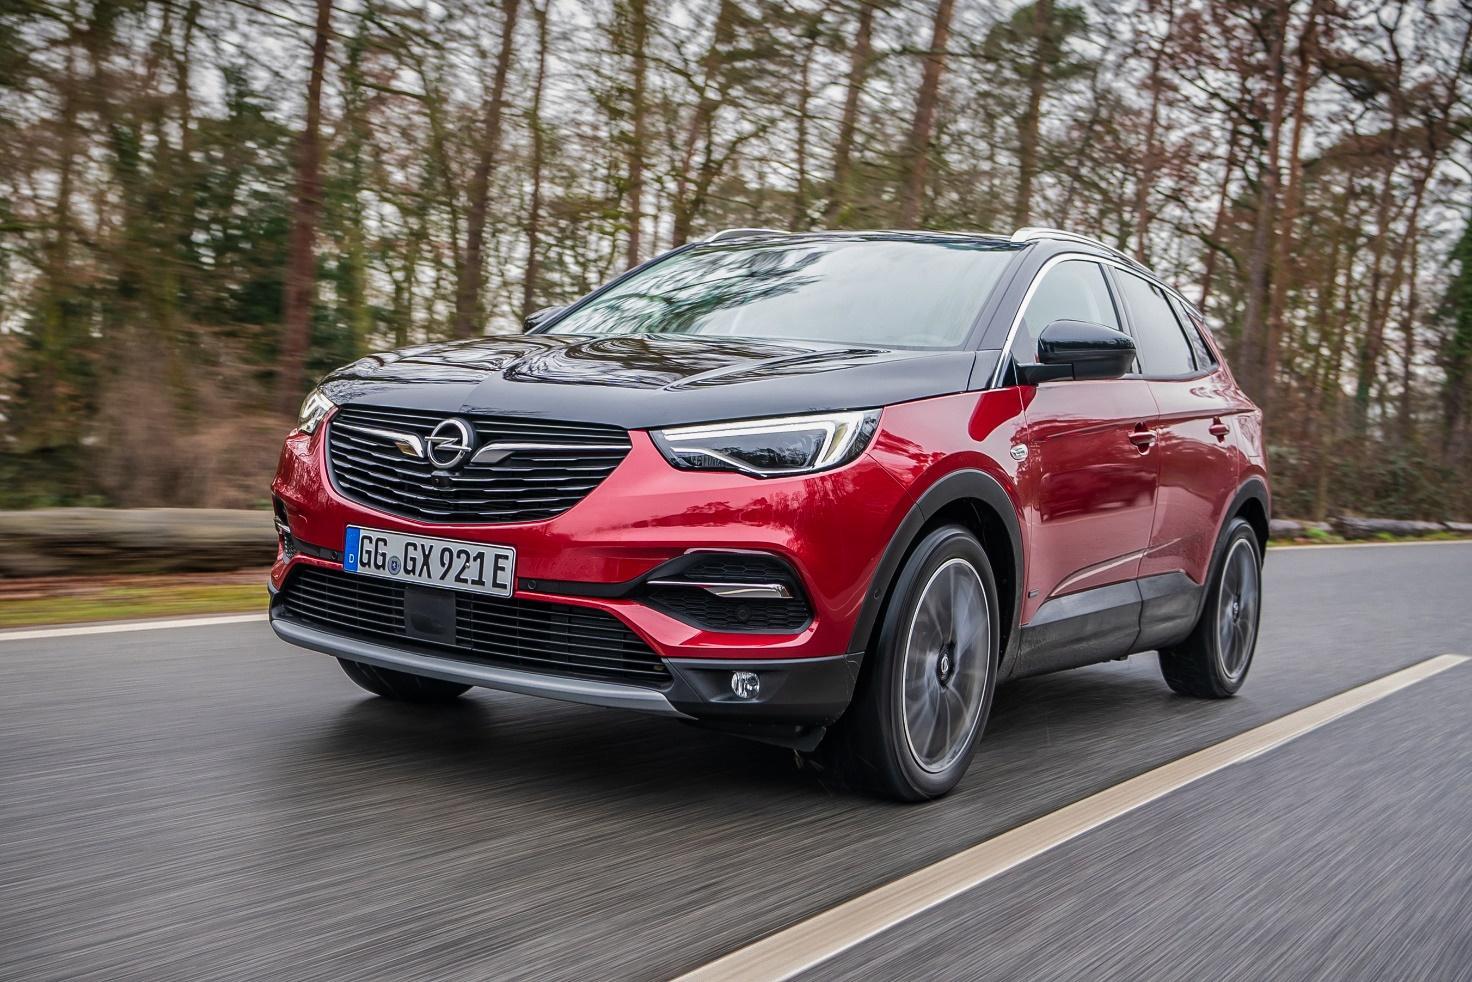 Opel Grandland X Ibrido Plug-In, un SUV ibrido divertente con consumi prossimi allo zero